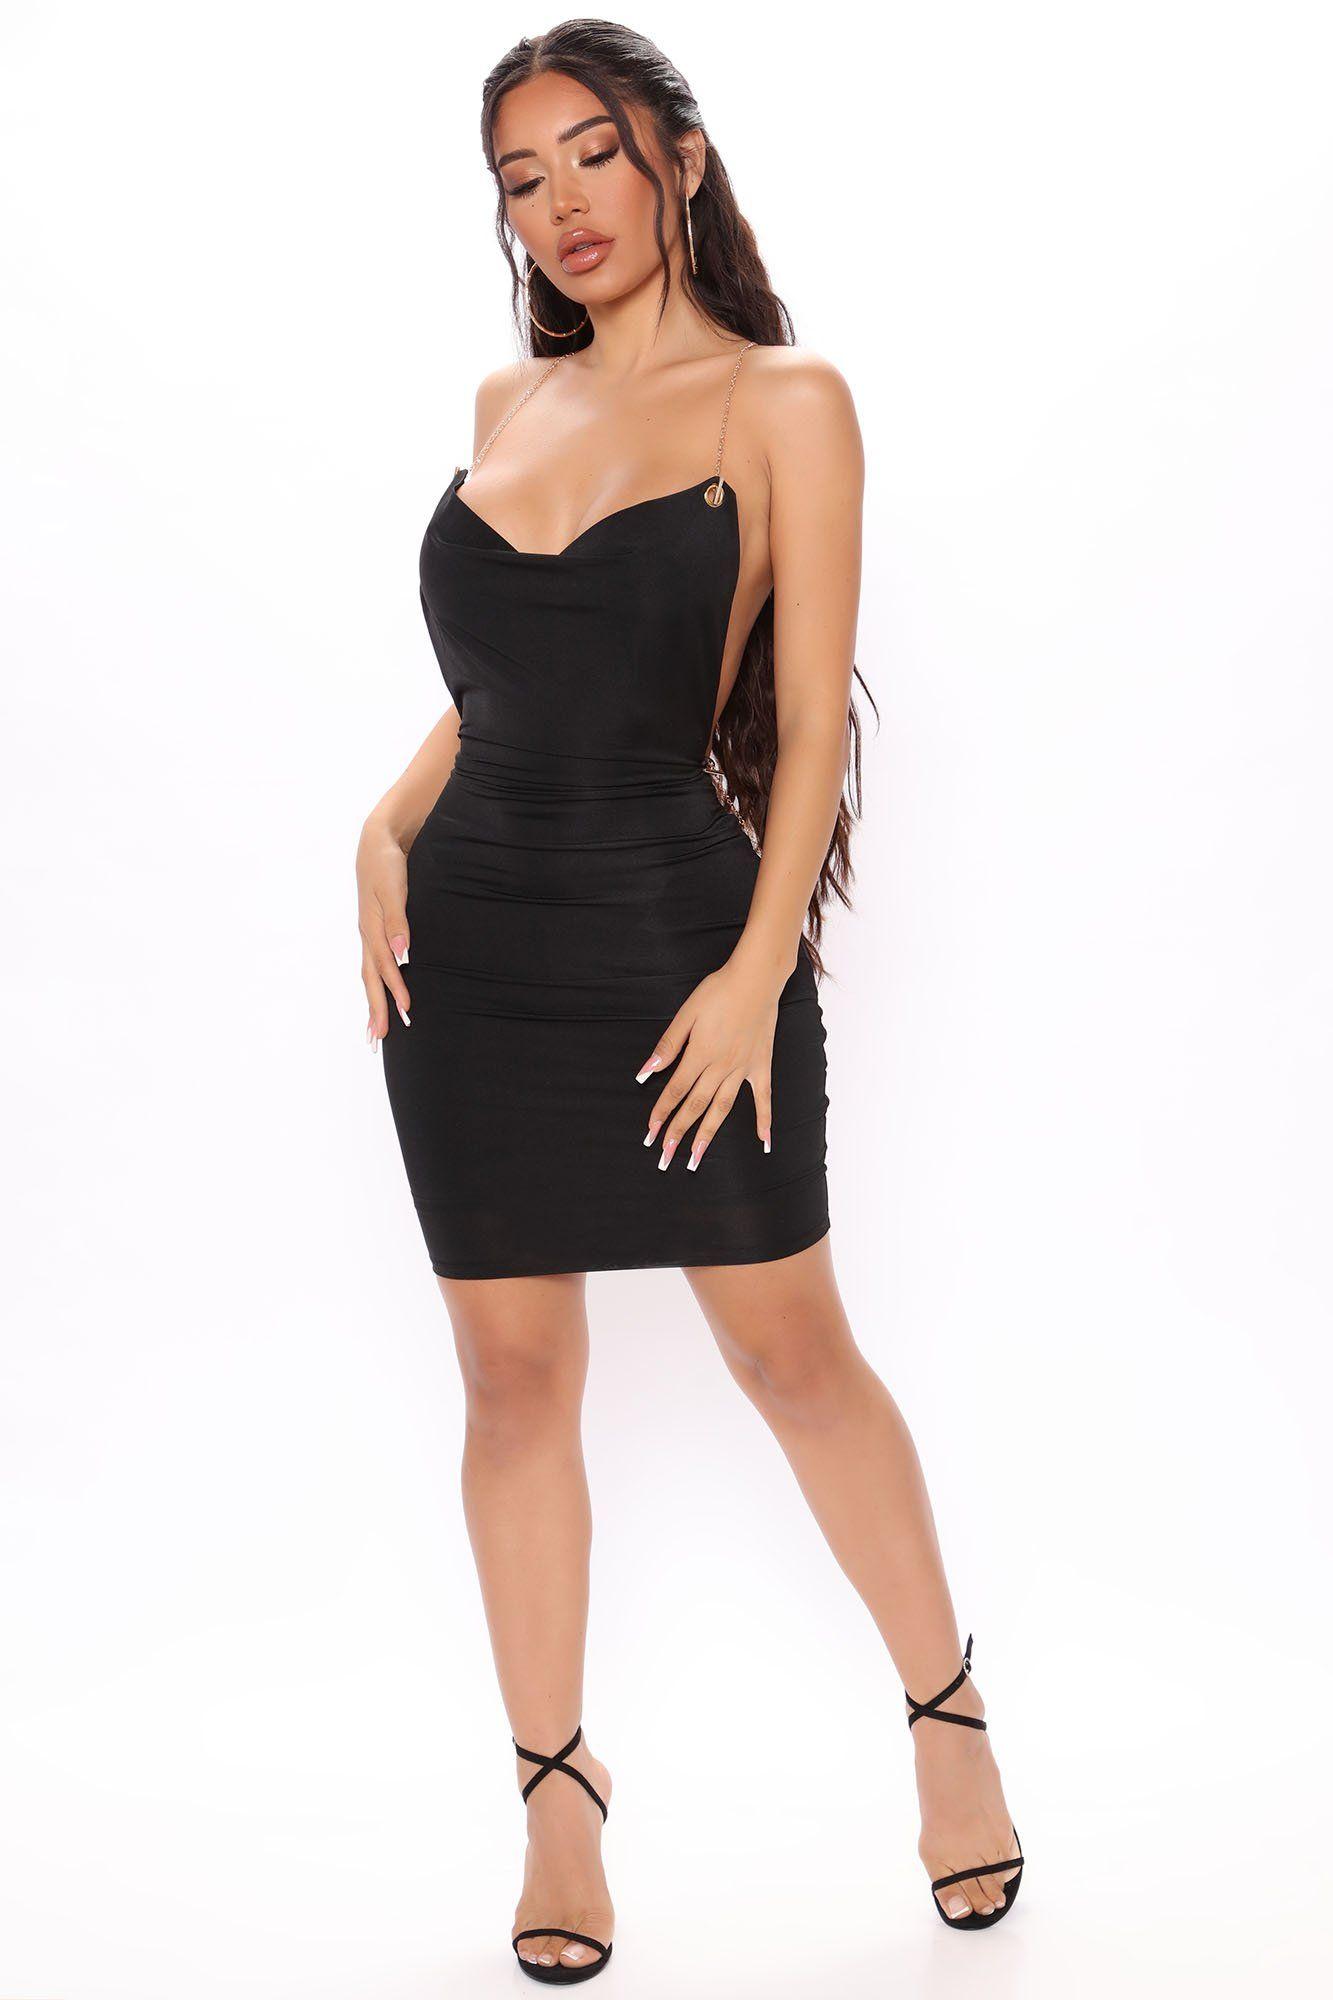 Don T Yank My Chain Mini Dress Black Mini Black Dress Womens Black Dress Mini Dress [ 2000 x 1333 Pixel ]